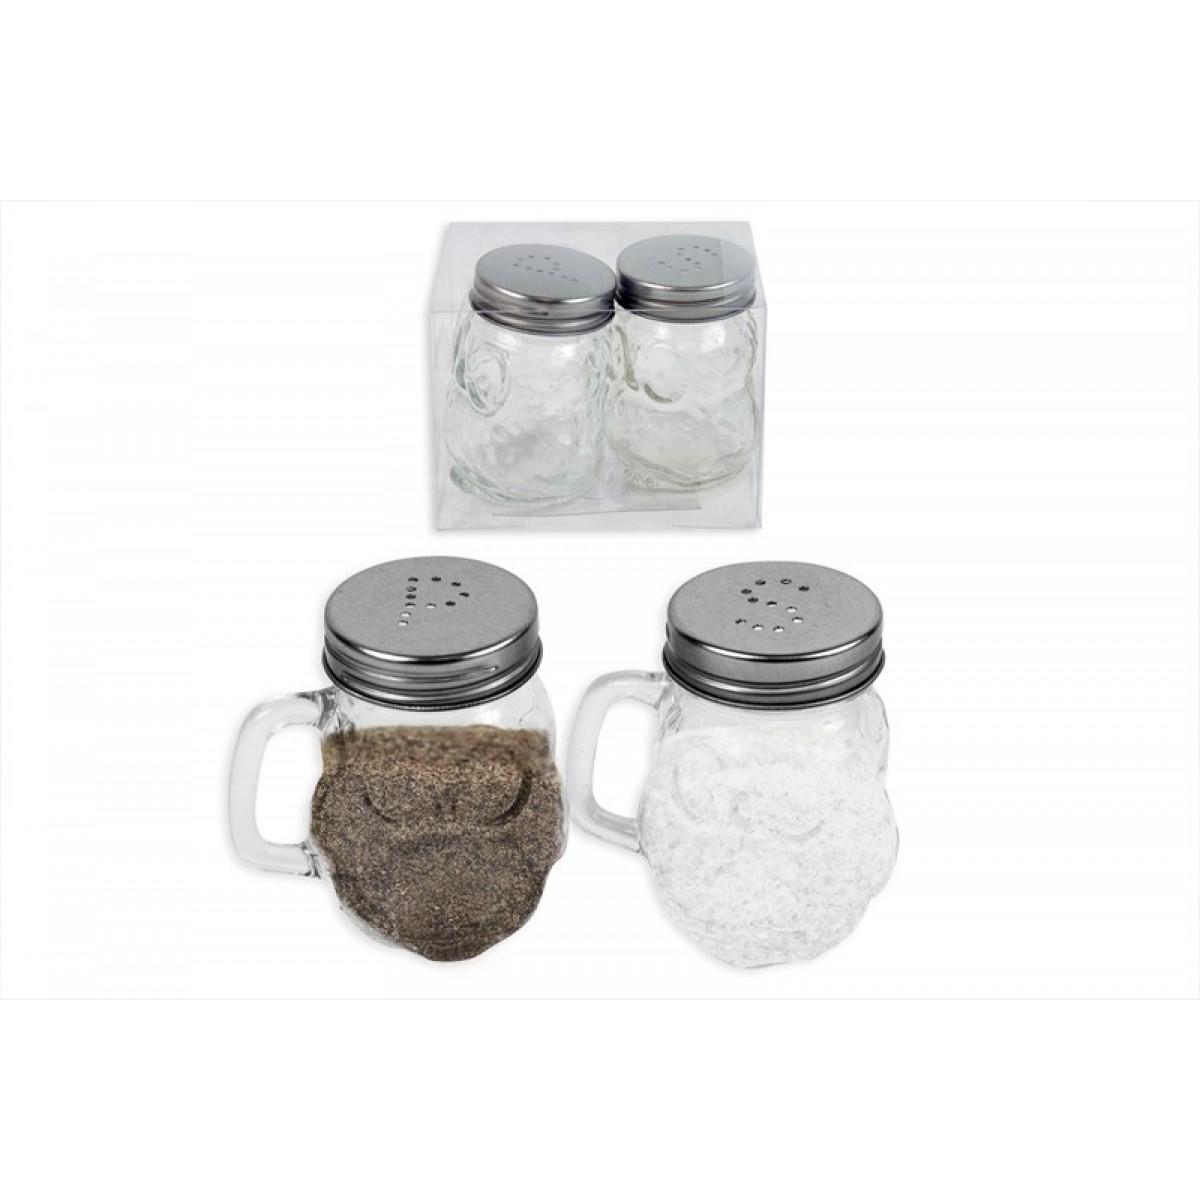 Mini Mason Jar Owl Salt And Pepper Pot Set Rsw International Ltd